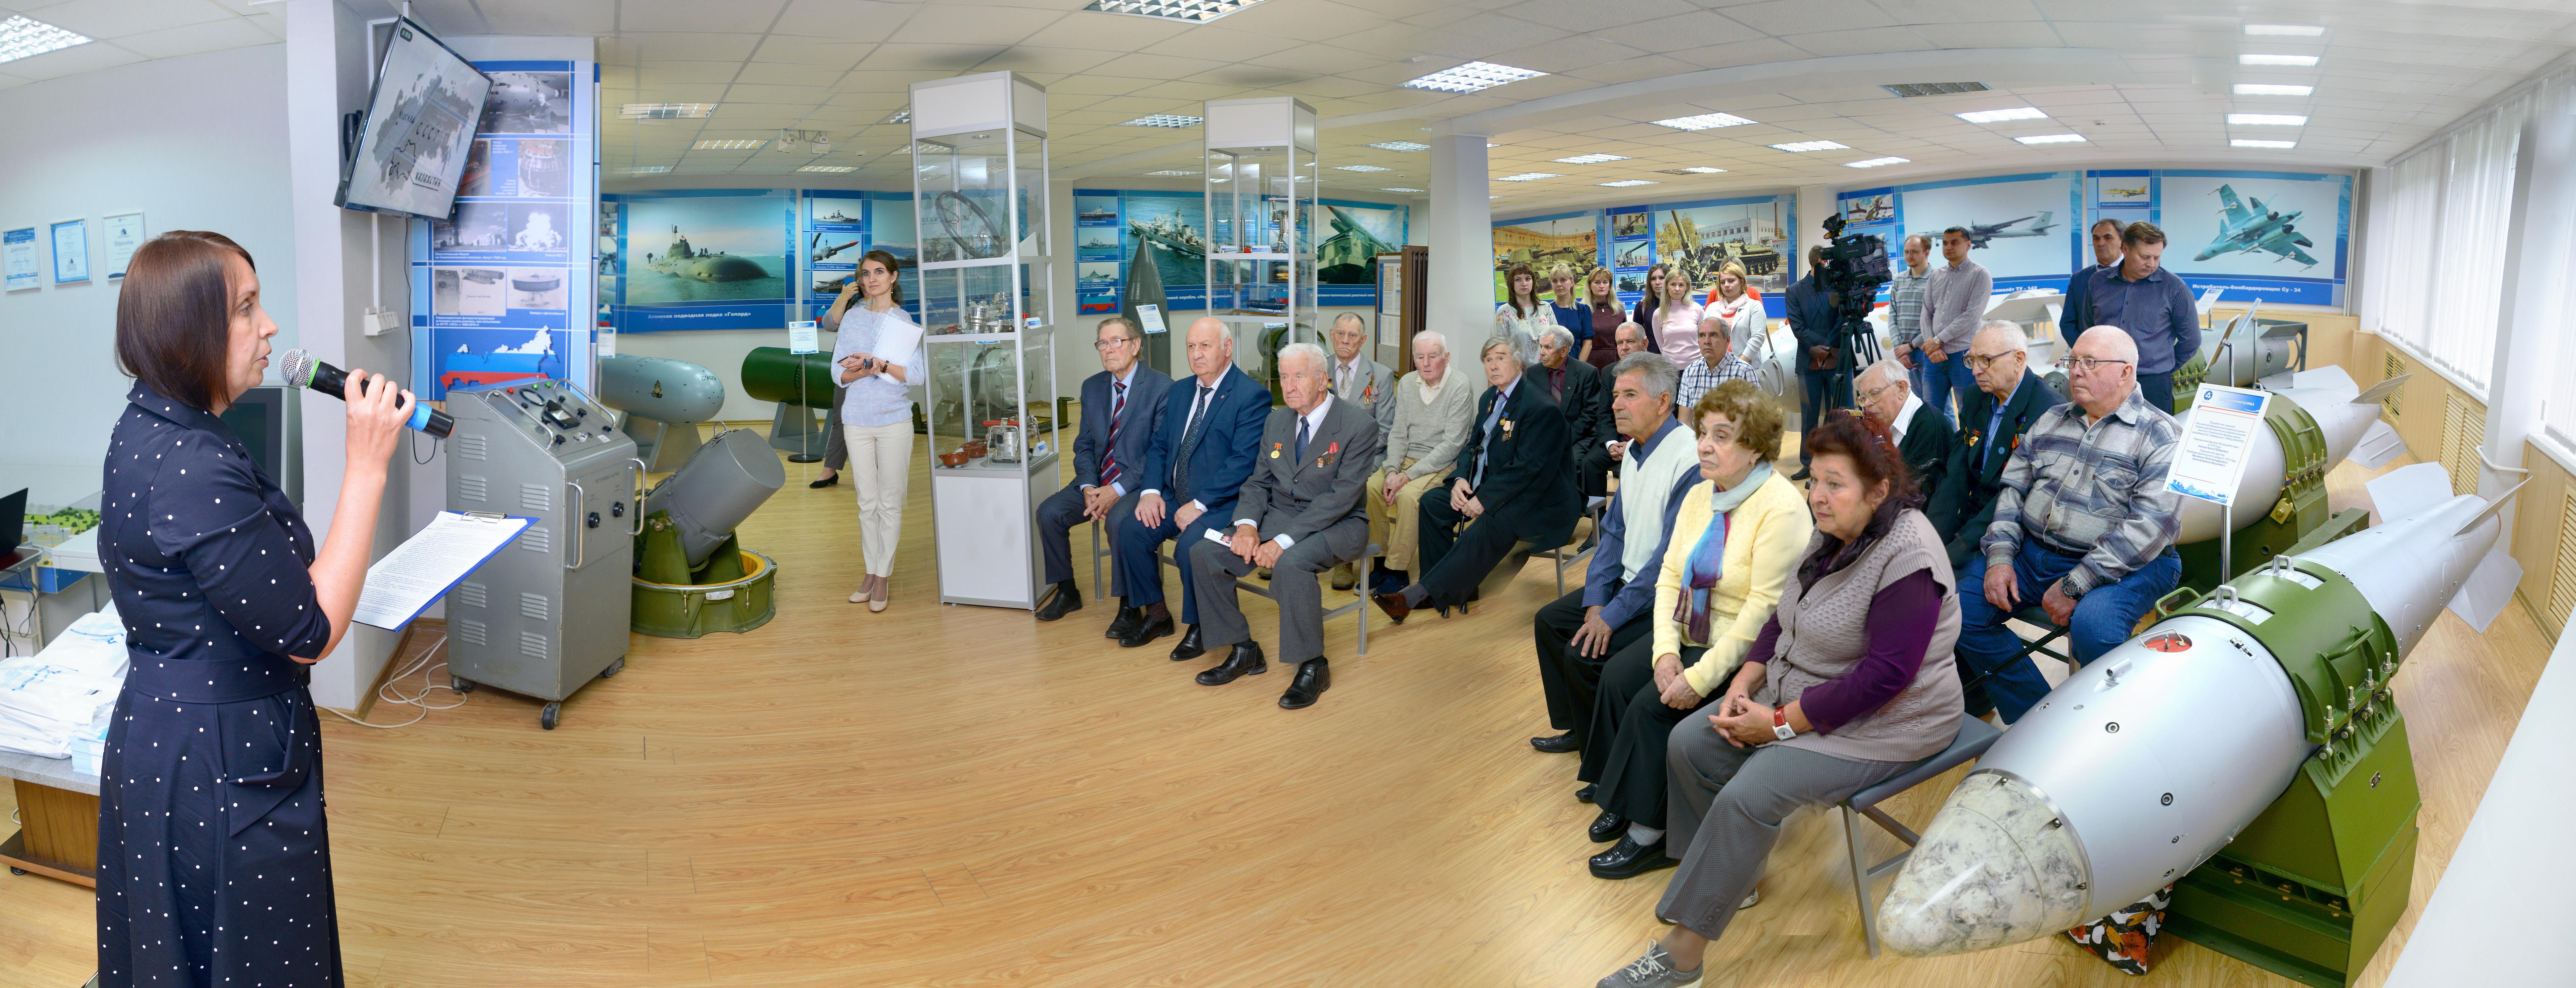 В заводском музейно-выставочном комплексе открылась новая экспозиция